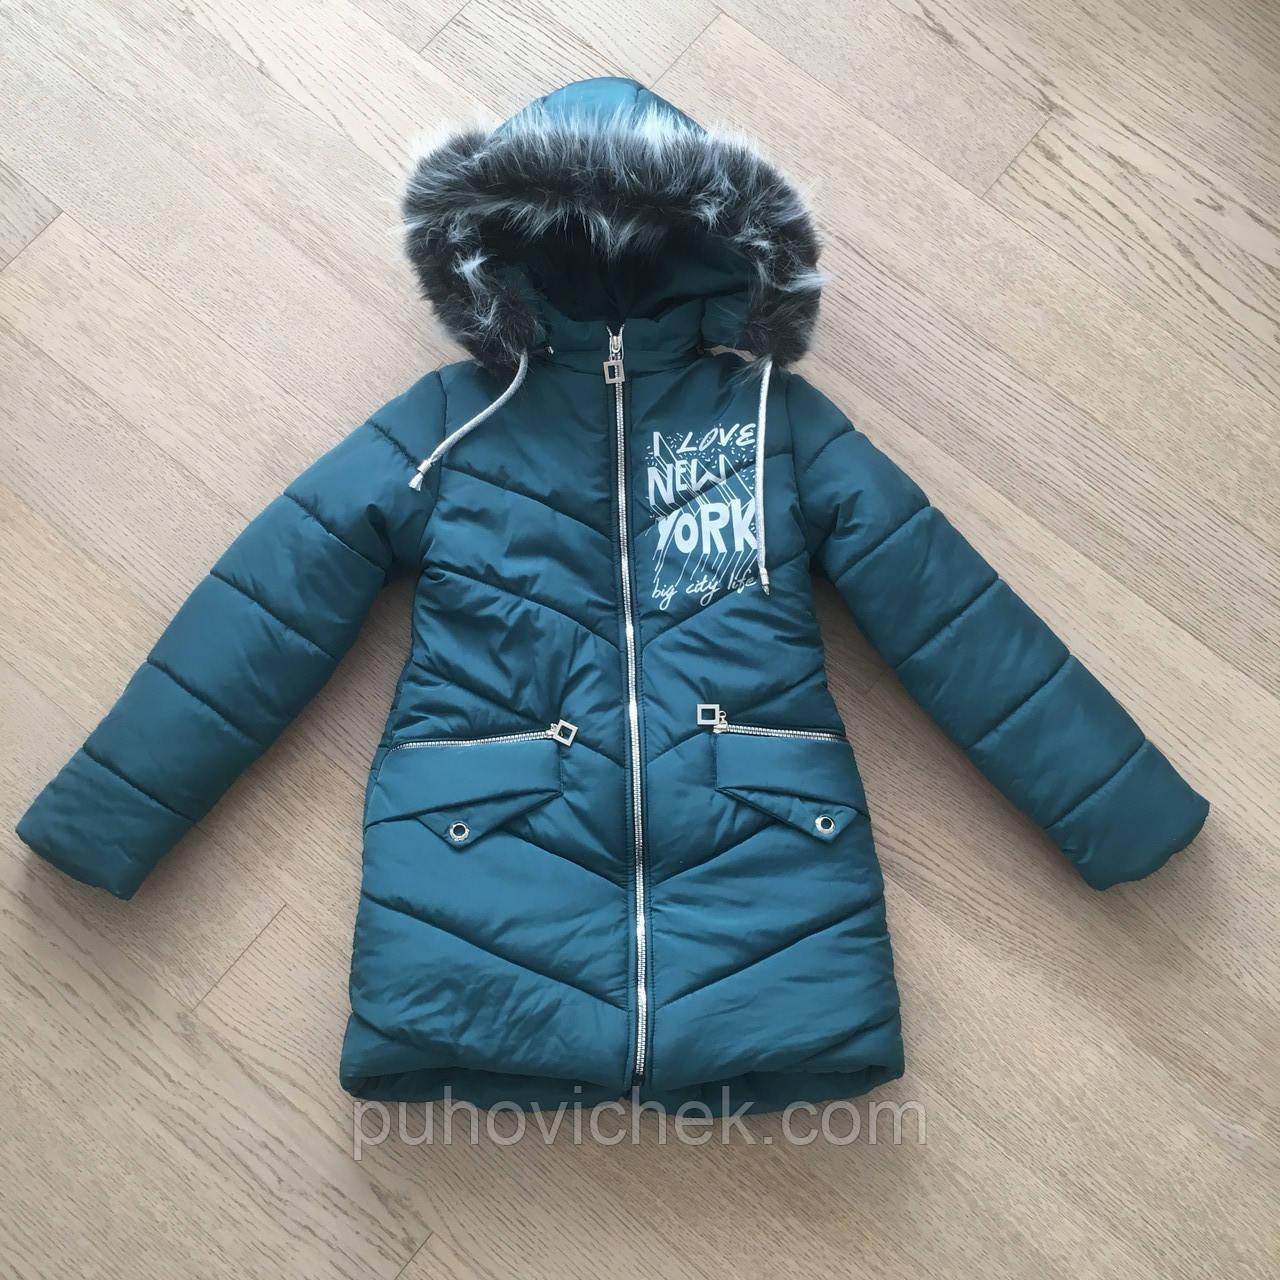 Детские зимние куртки и пальто для девочек с бубонами